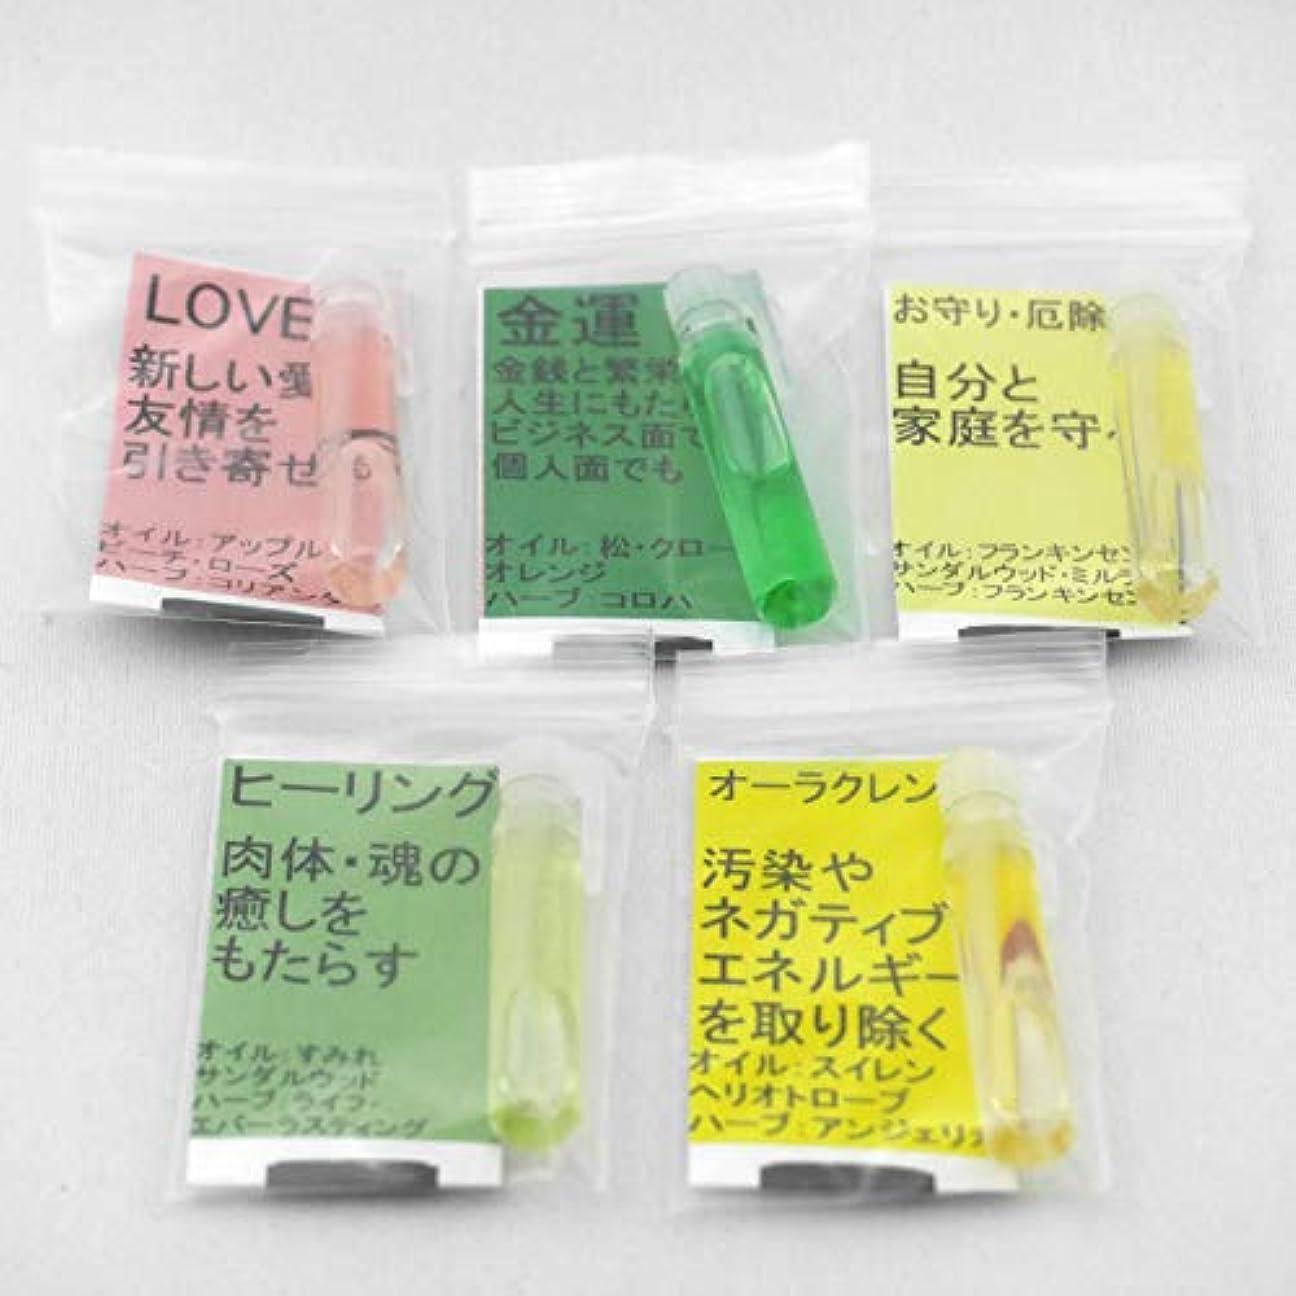 不信戸惑うシーンアンシェントメモリーオイル 基本の5本小分けセット(LOVE?MoneyDraw?Protection?Healing?Aura Cleanse)